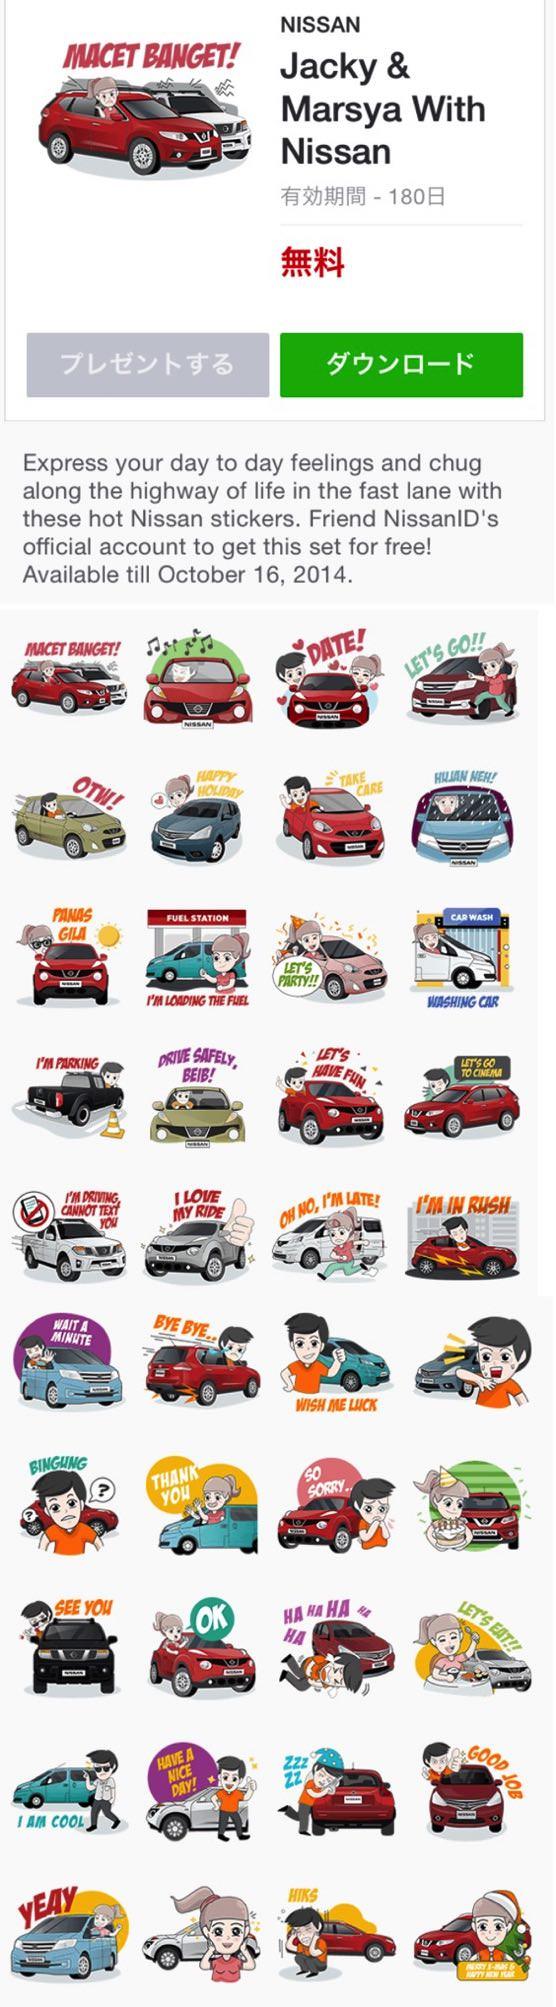 インドネシアのLINEスタンプ Jacky & Marsya With Nissan / NISSAN